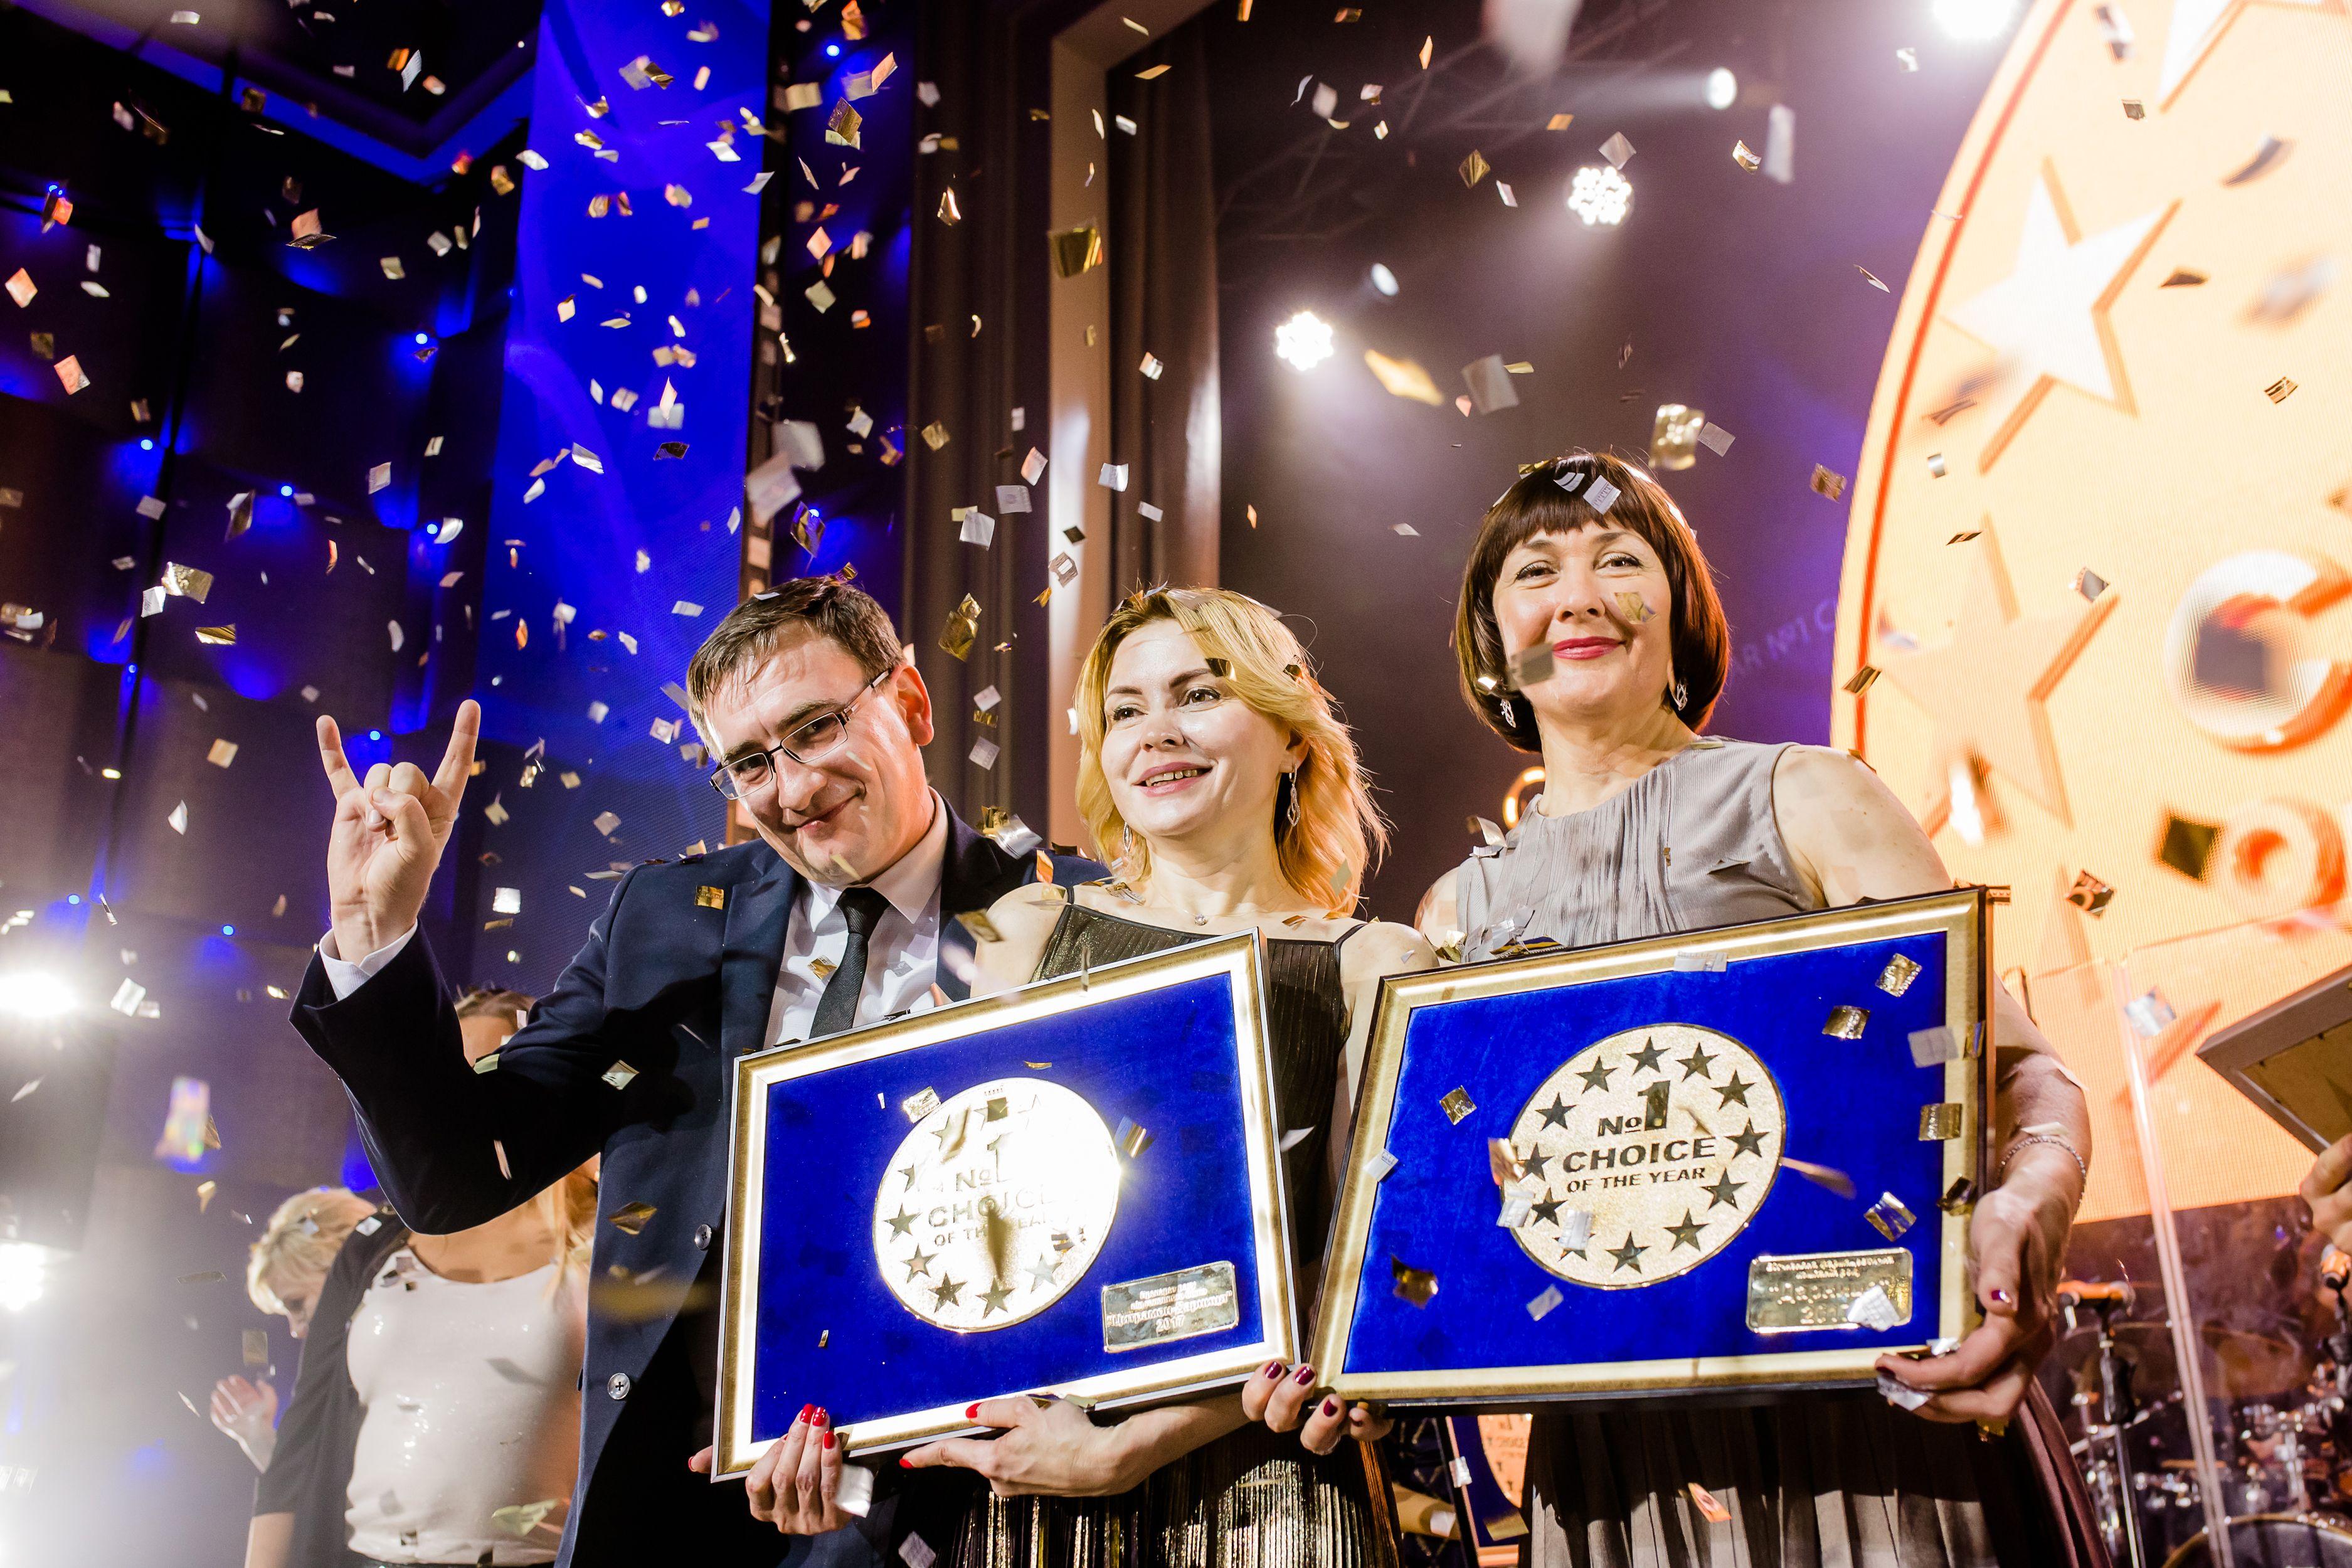 0c7d40410 2 декабря в Киеве состоялась церемония награждения победителей  международного фестиваля-конкурса